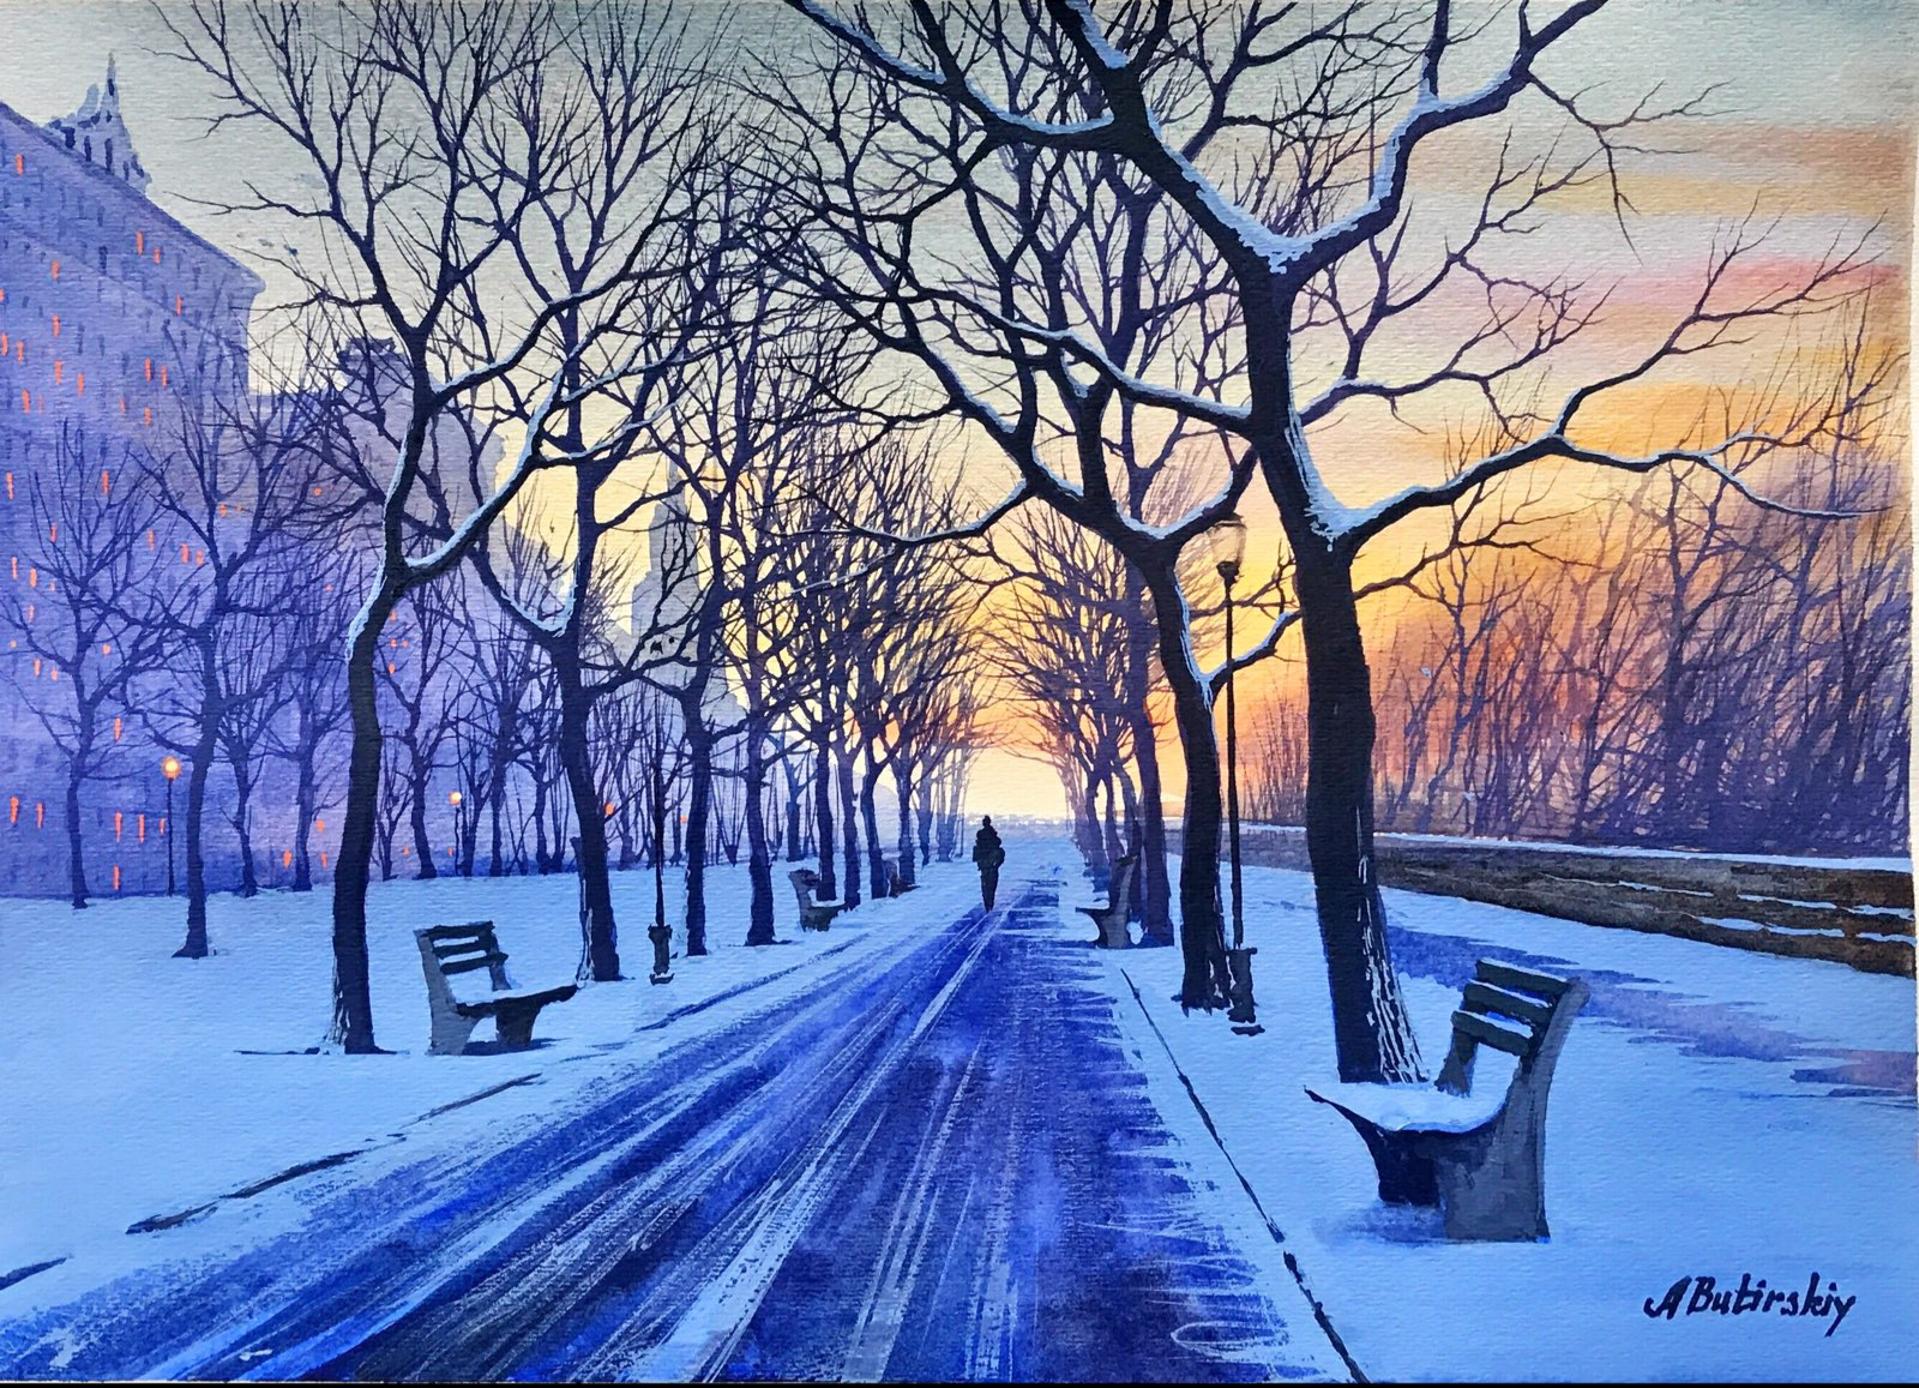 Winter Solstice by Alexei Butirskiy